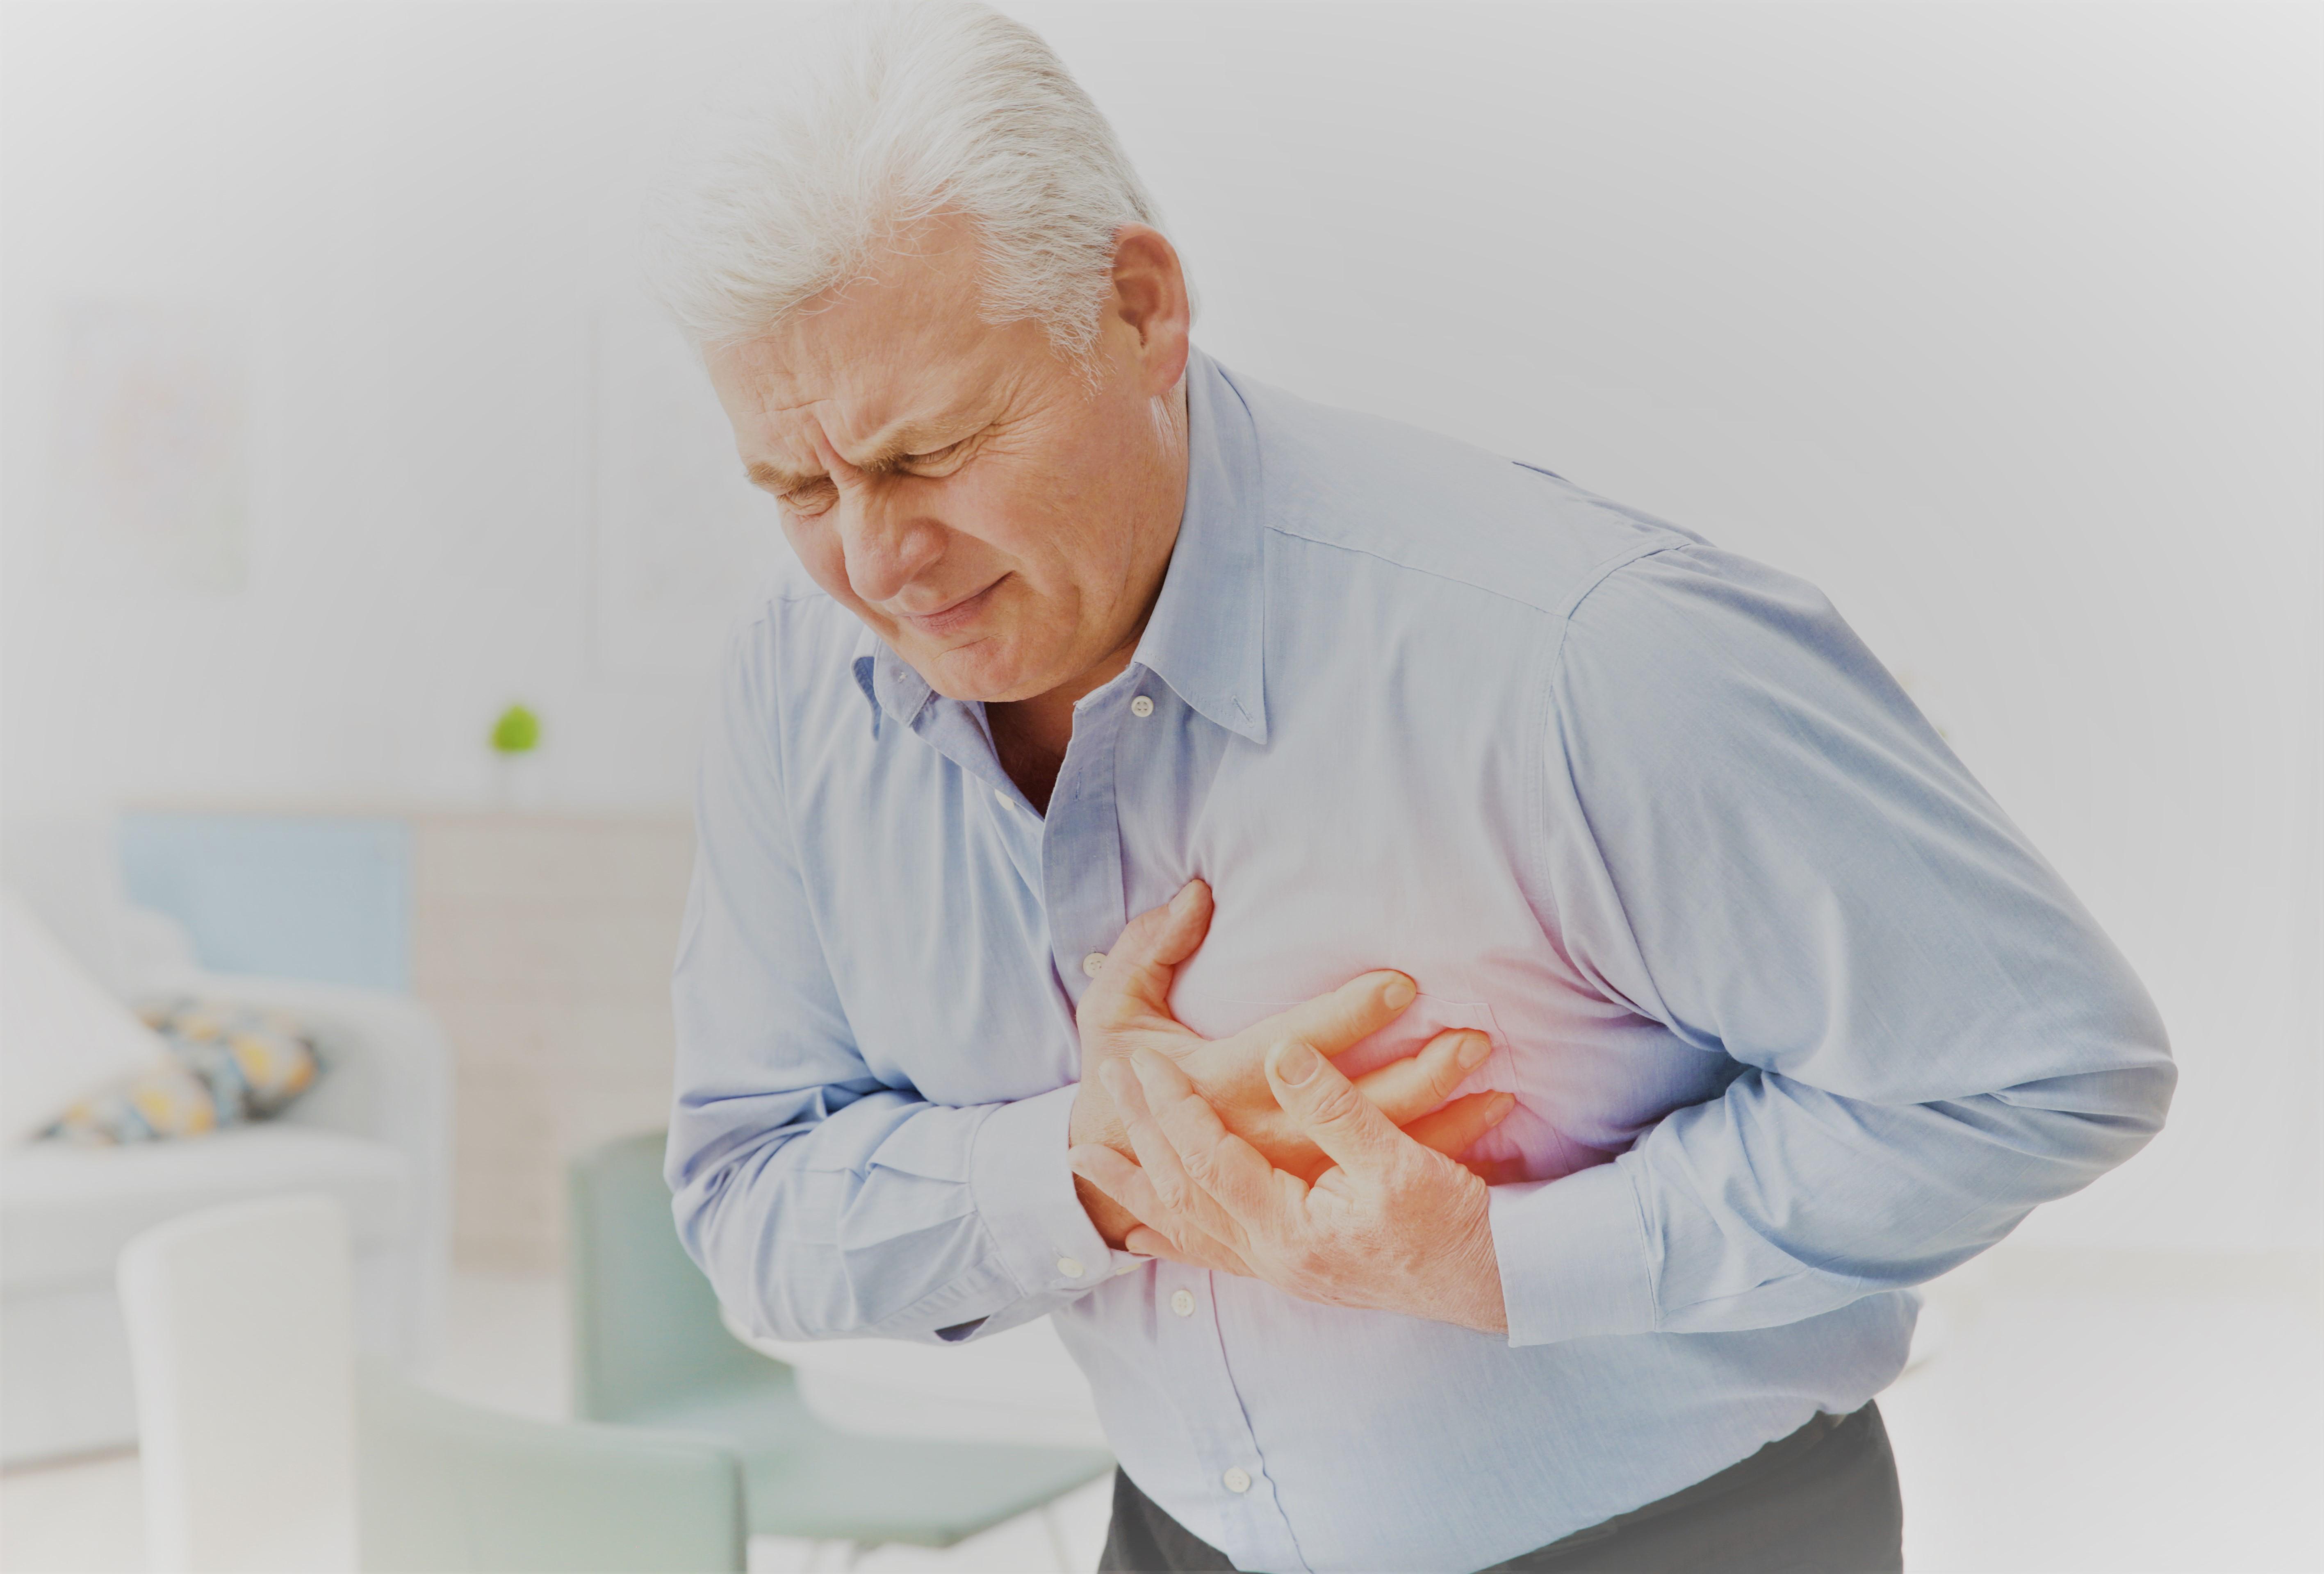 hogyan lehet enyhíteni a fájdalmat egy sérült térdrel)